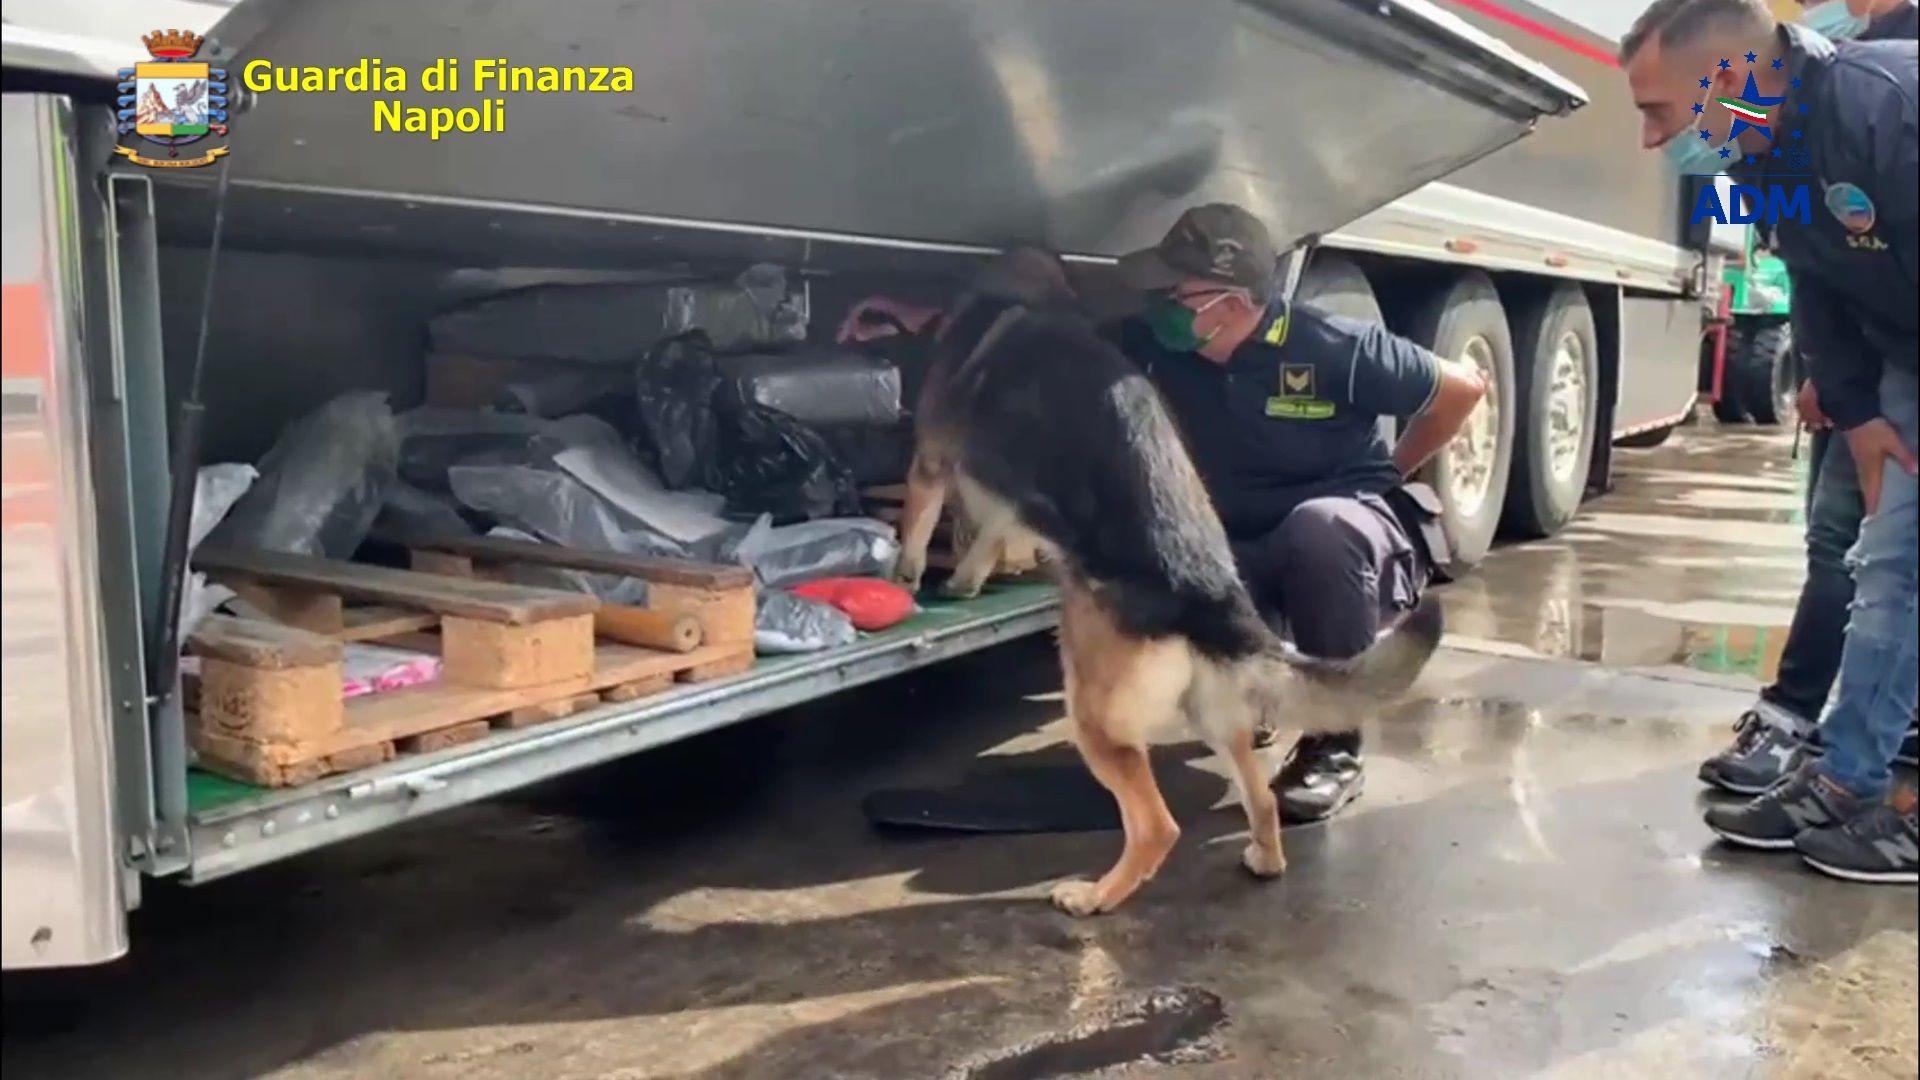 Sequestrati al porto di Napoli 130 kg di hashish, due arresti